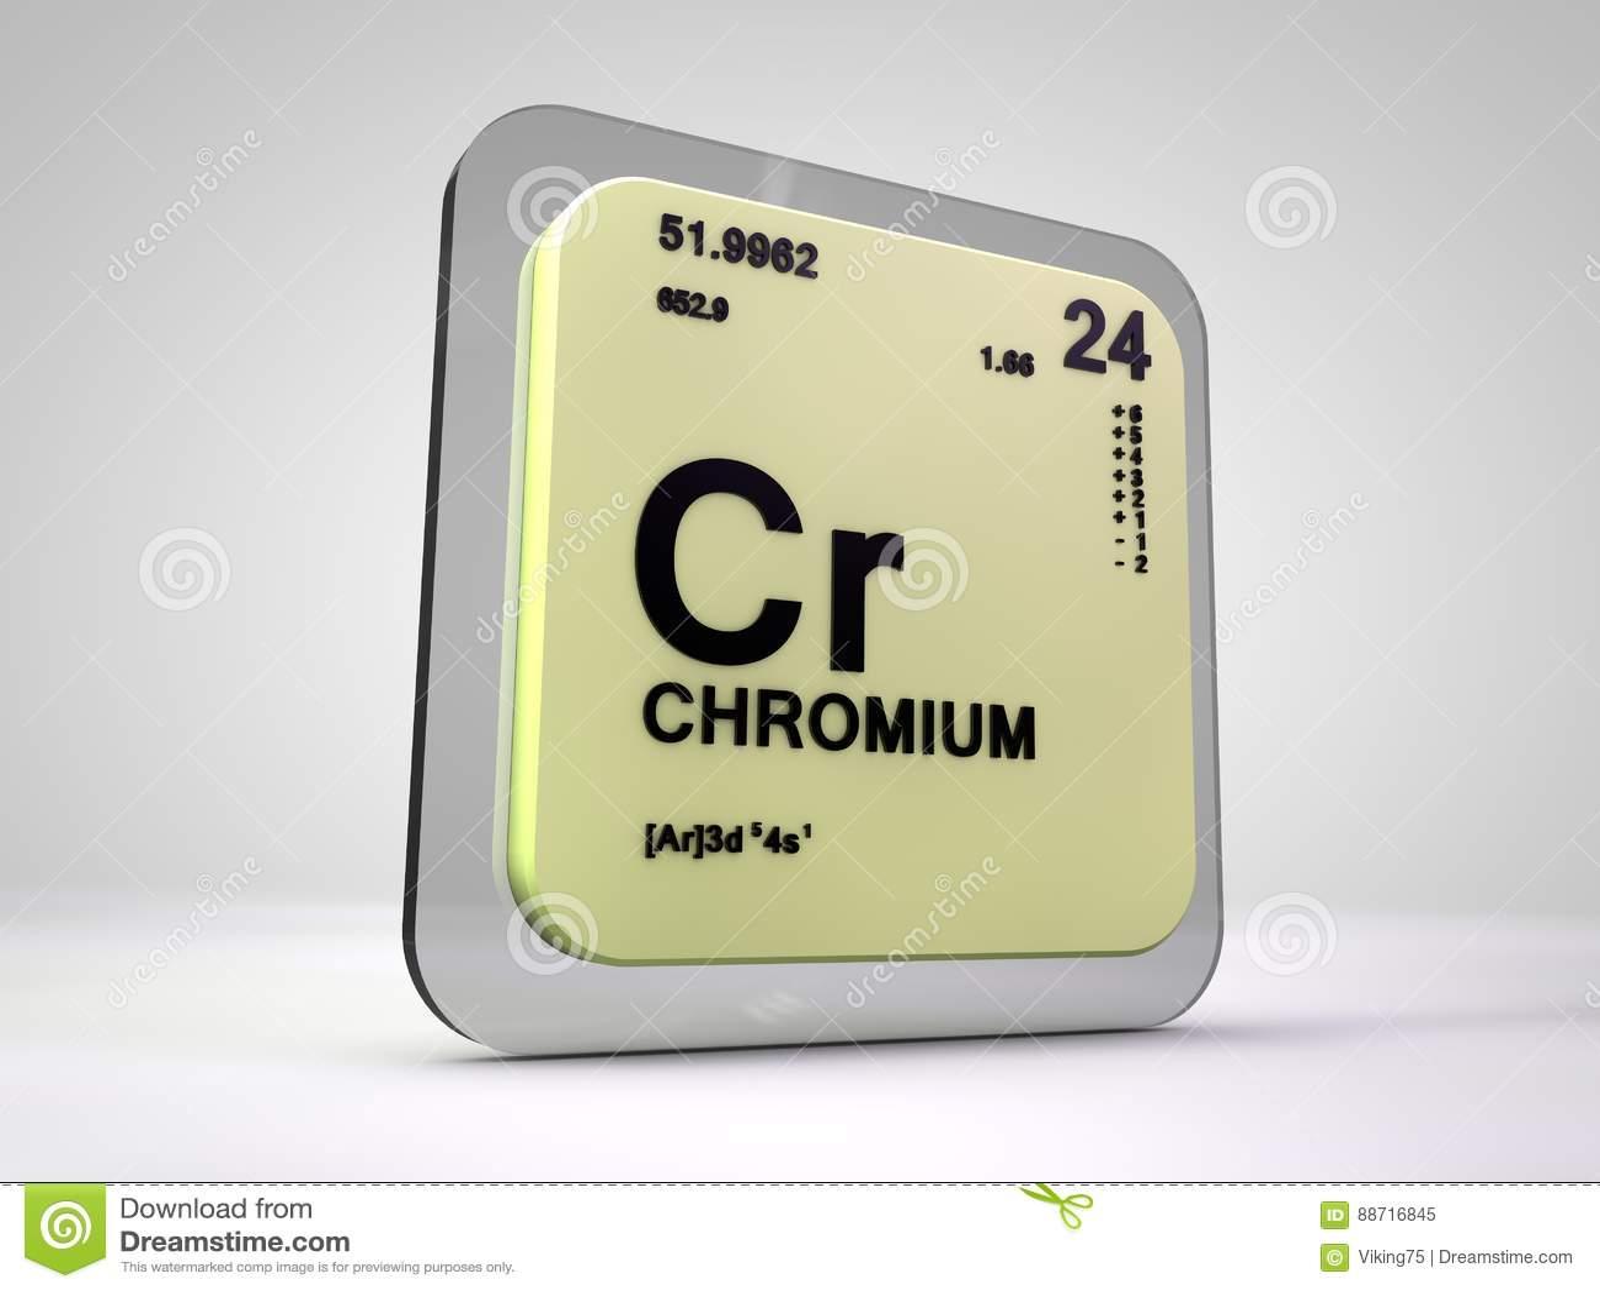 Chrom - Cr - Periodensystem des chemischen Elements